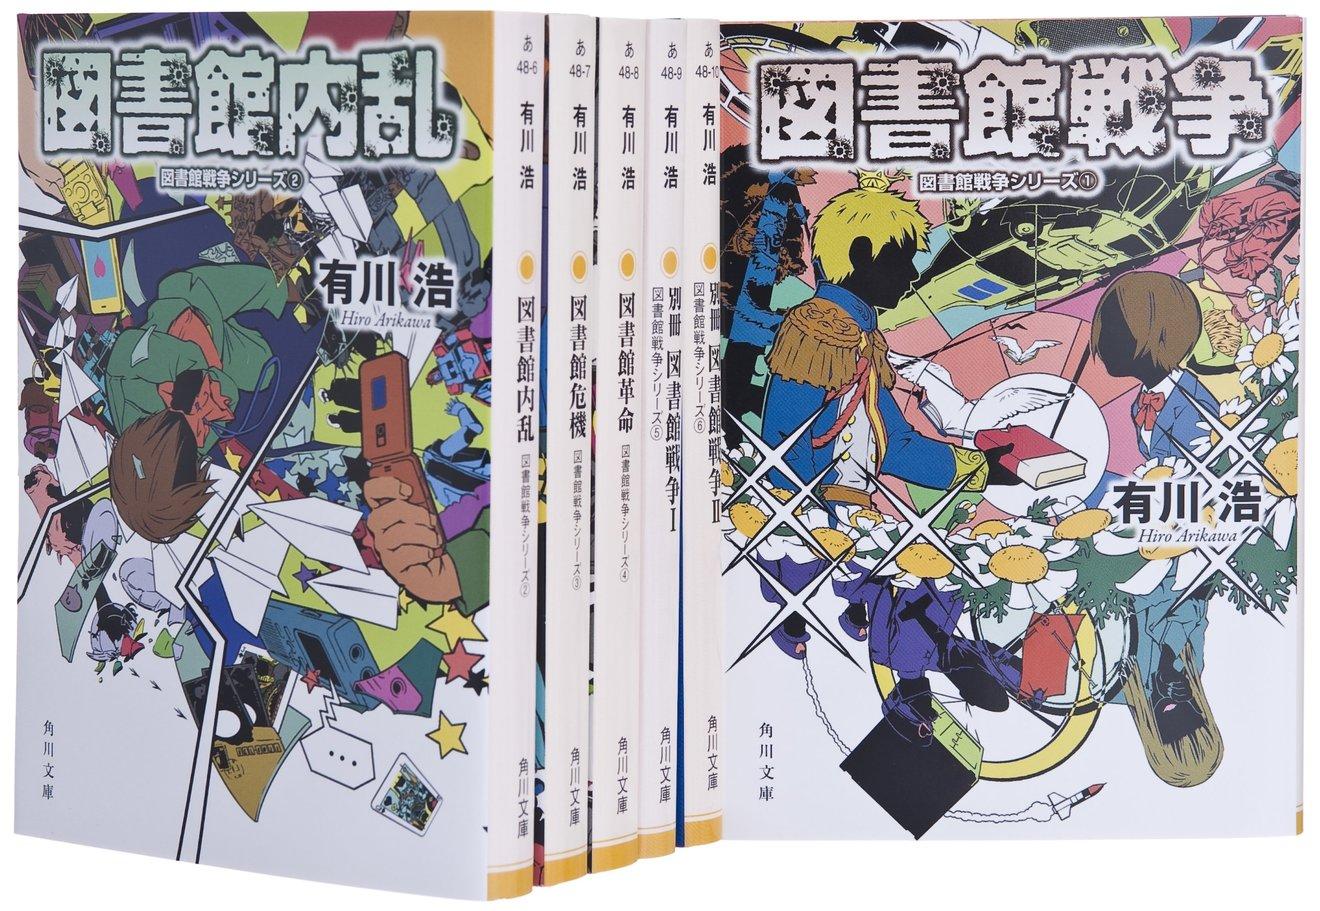 小説「図書館戦争」シリーズの魅力を全巻ネタバレ紹介!